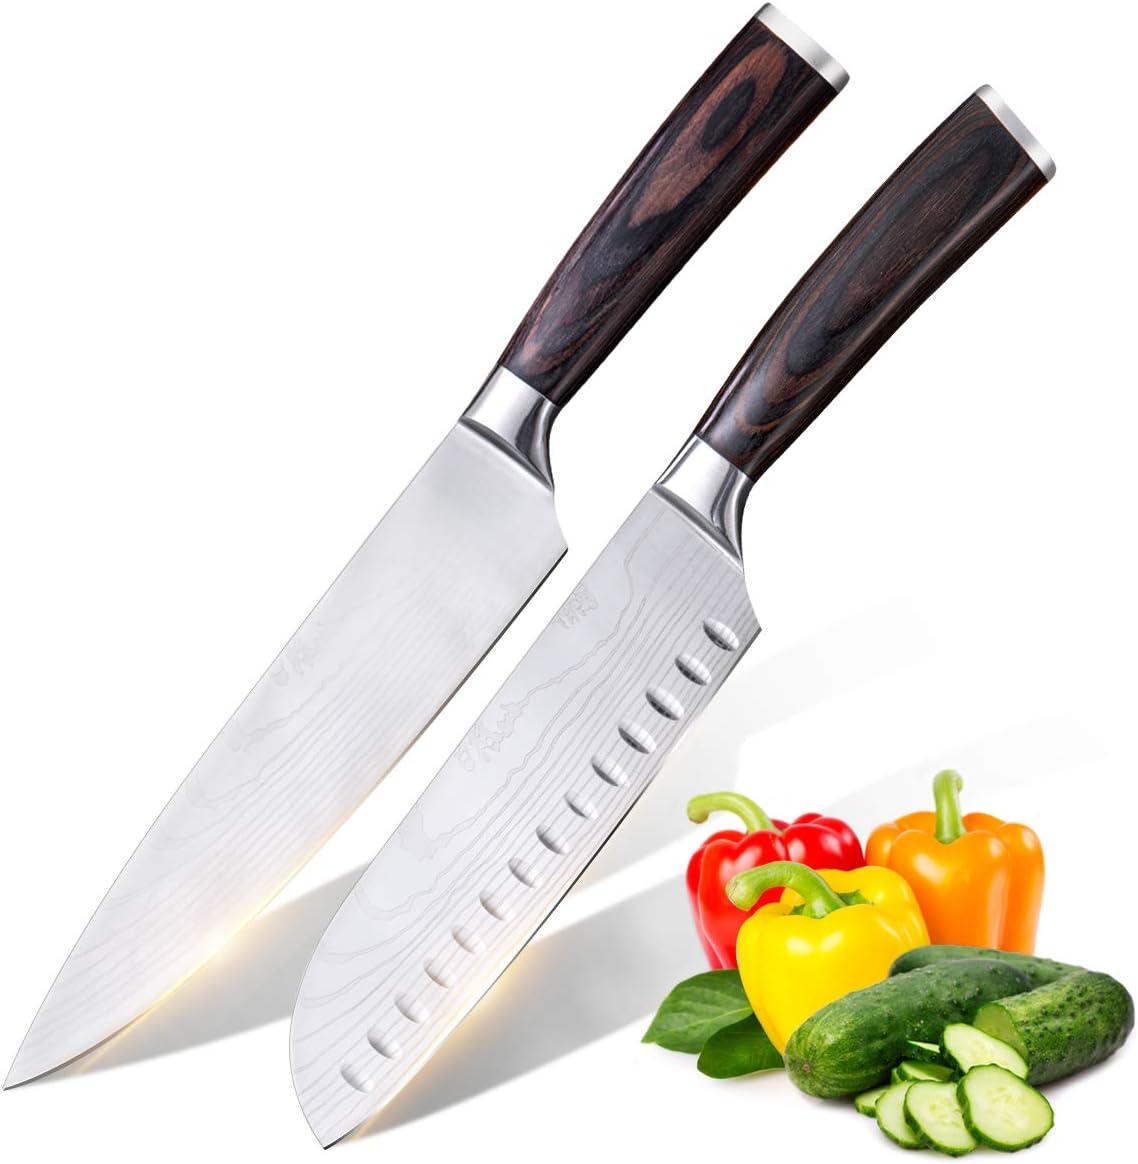 Anhichef Set de Cuchillos de Cocina, Cuchillos de Cocina Damasco Profesionales 20cm + Cuchillo Santoku Japones 18cm, Acero Inoxidable Alemán de Alto Carbono,Mango Ergonómico